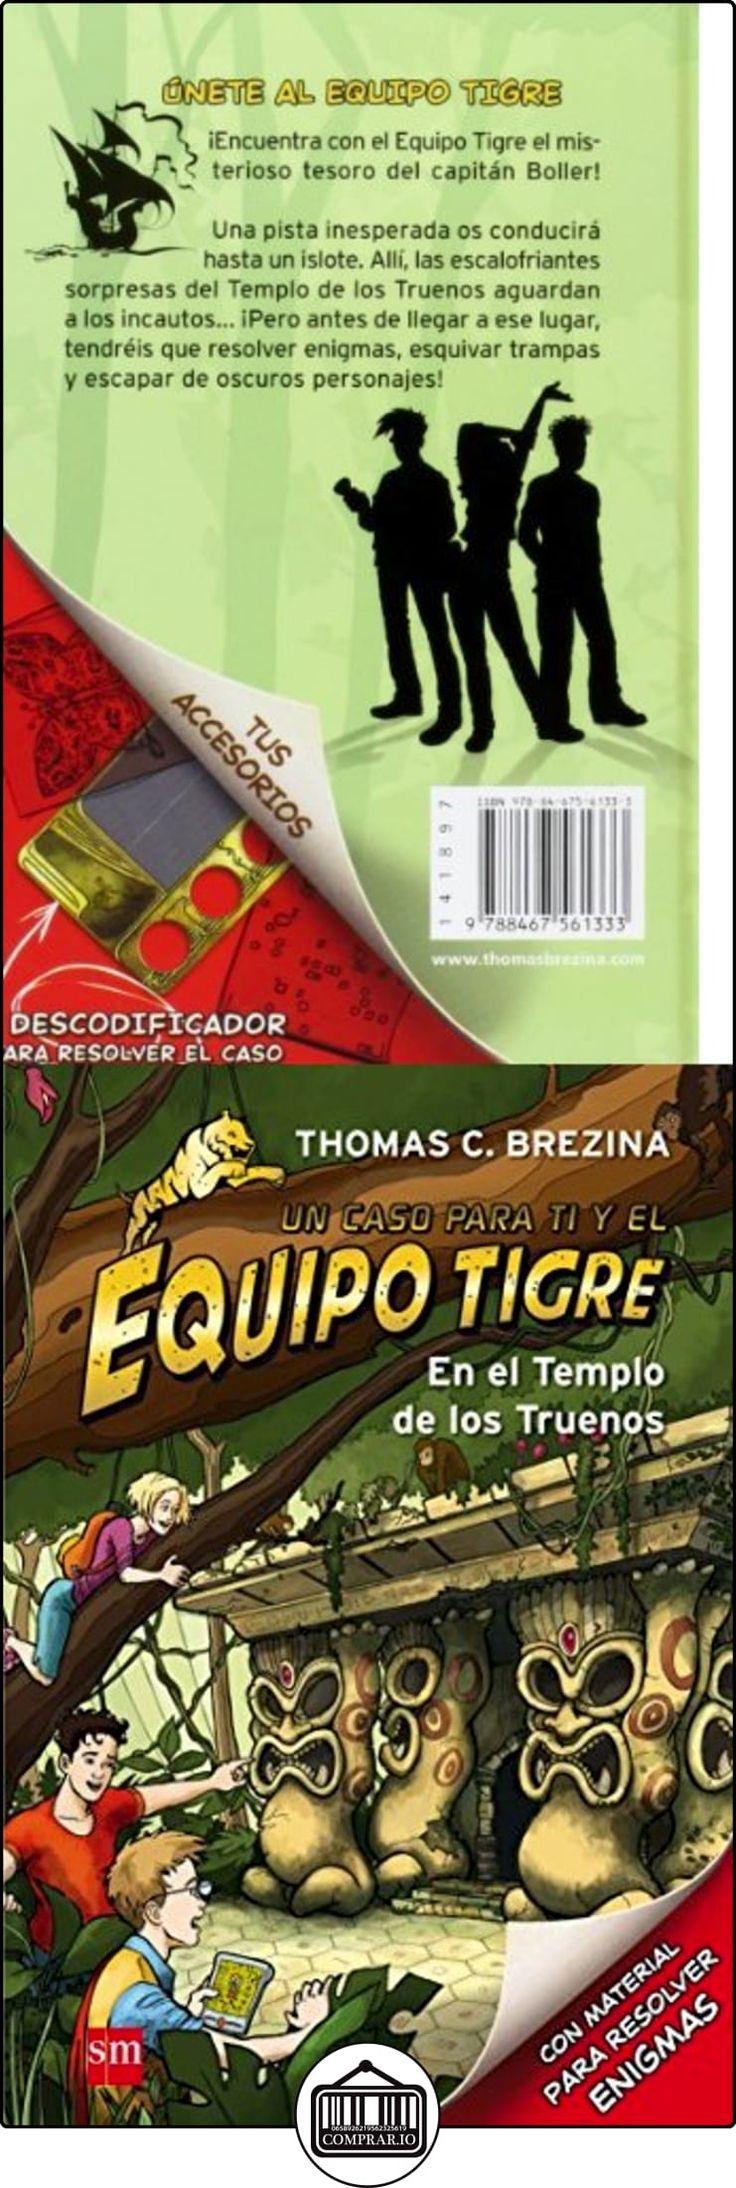 En El Templo De Los Truenos (Equipo tigre) Thomas Brezina ✿ Libros infantiles y juveniles - (De 6 a 9 años) ✿